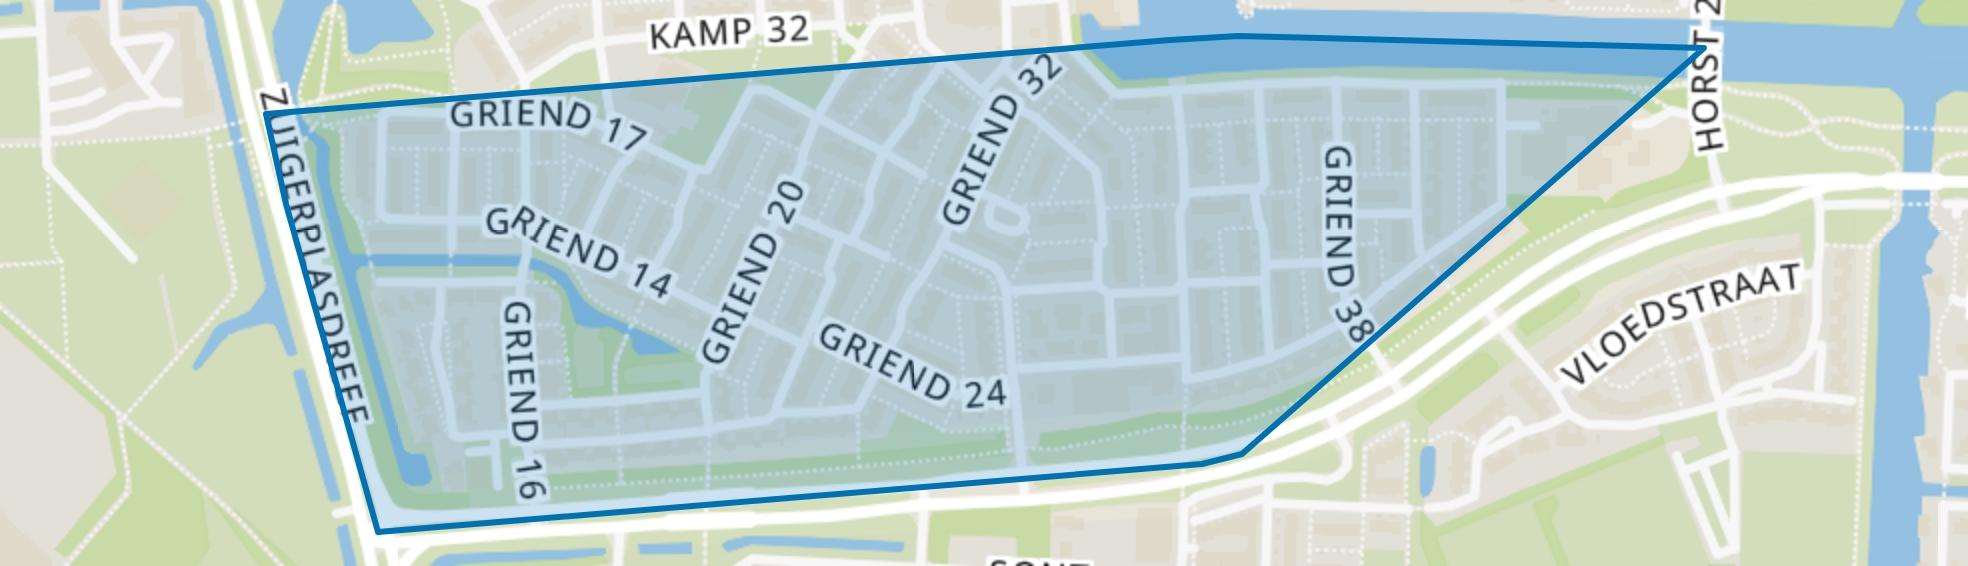 Griend, Lelystad map